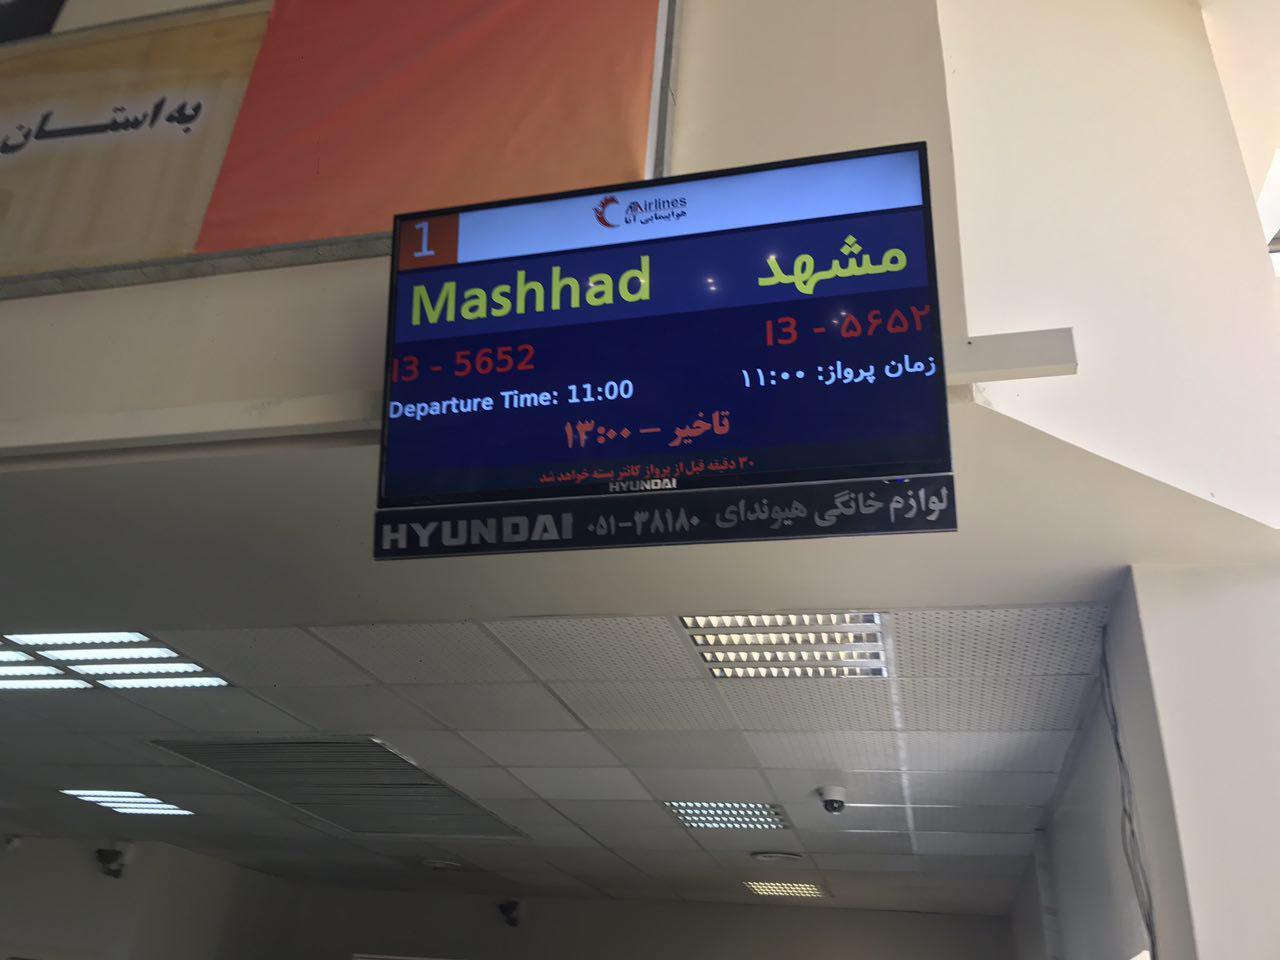 تأخیر در پرواز همدان-مشهد به علت نقص فنی